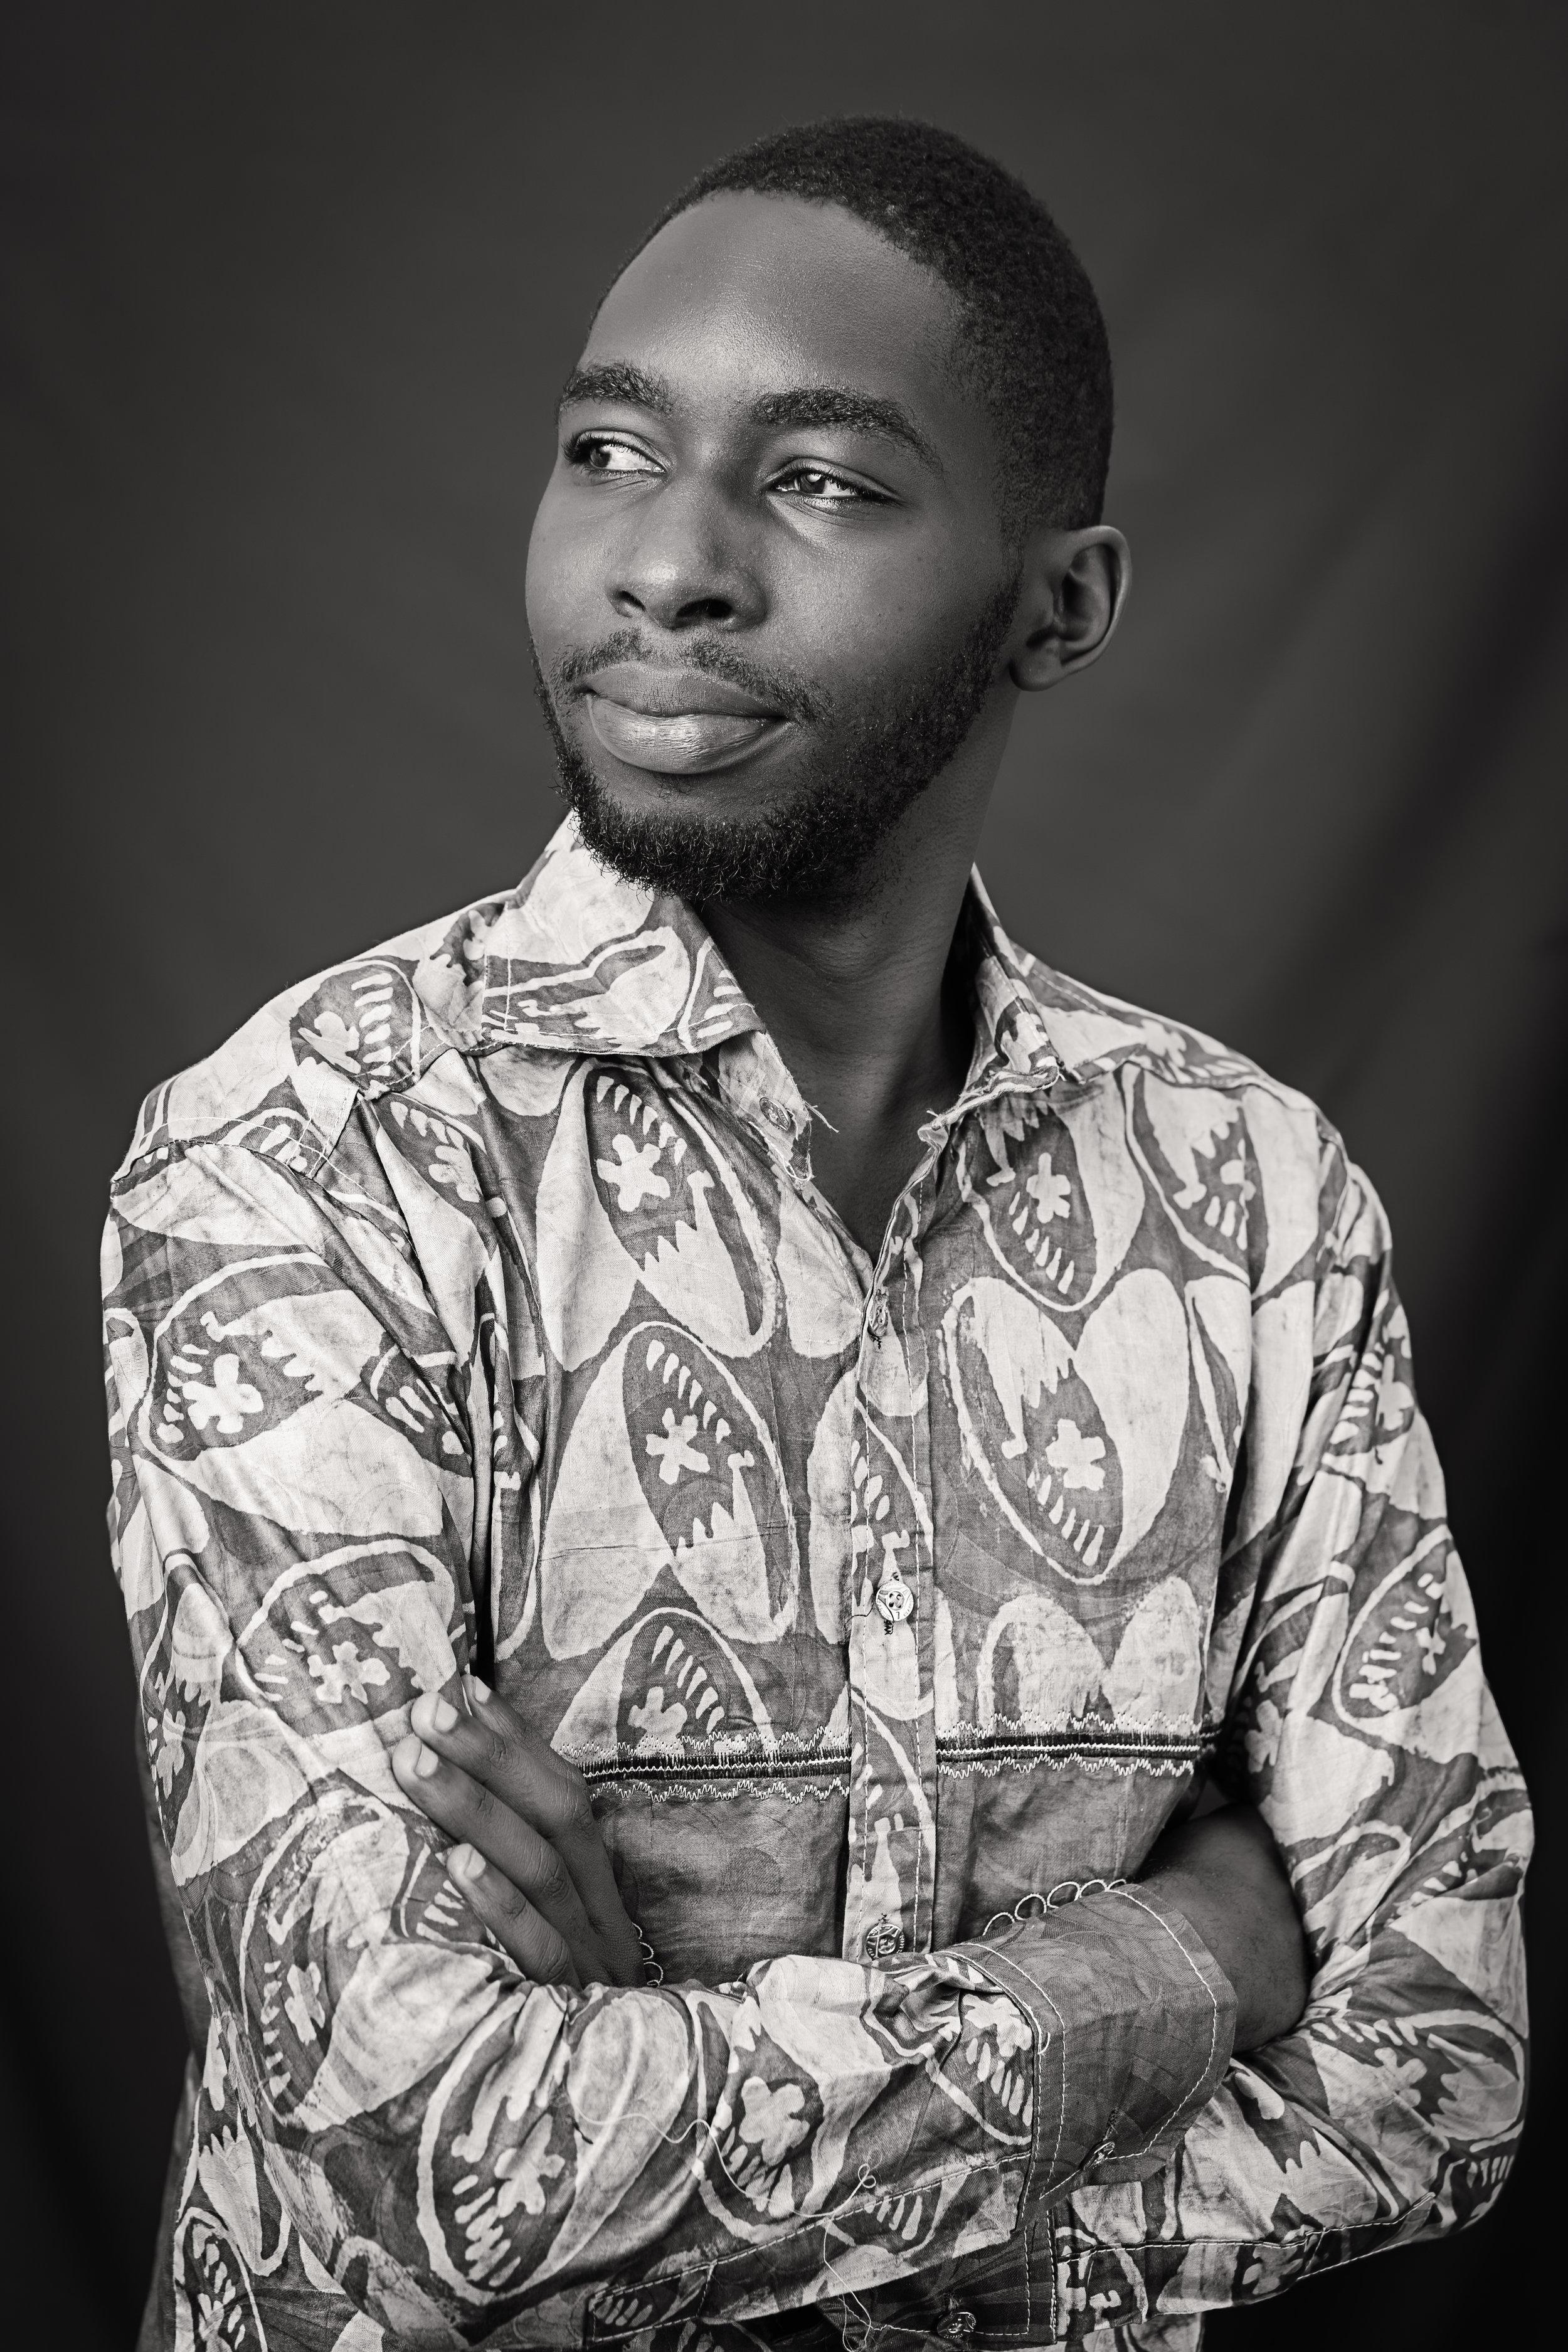 Portrait taken by    Guy Basabose    |    @Guy_Basabose